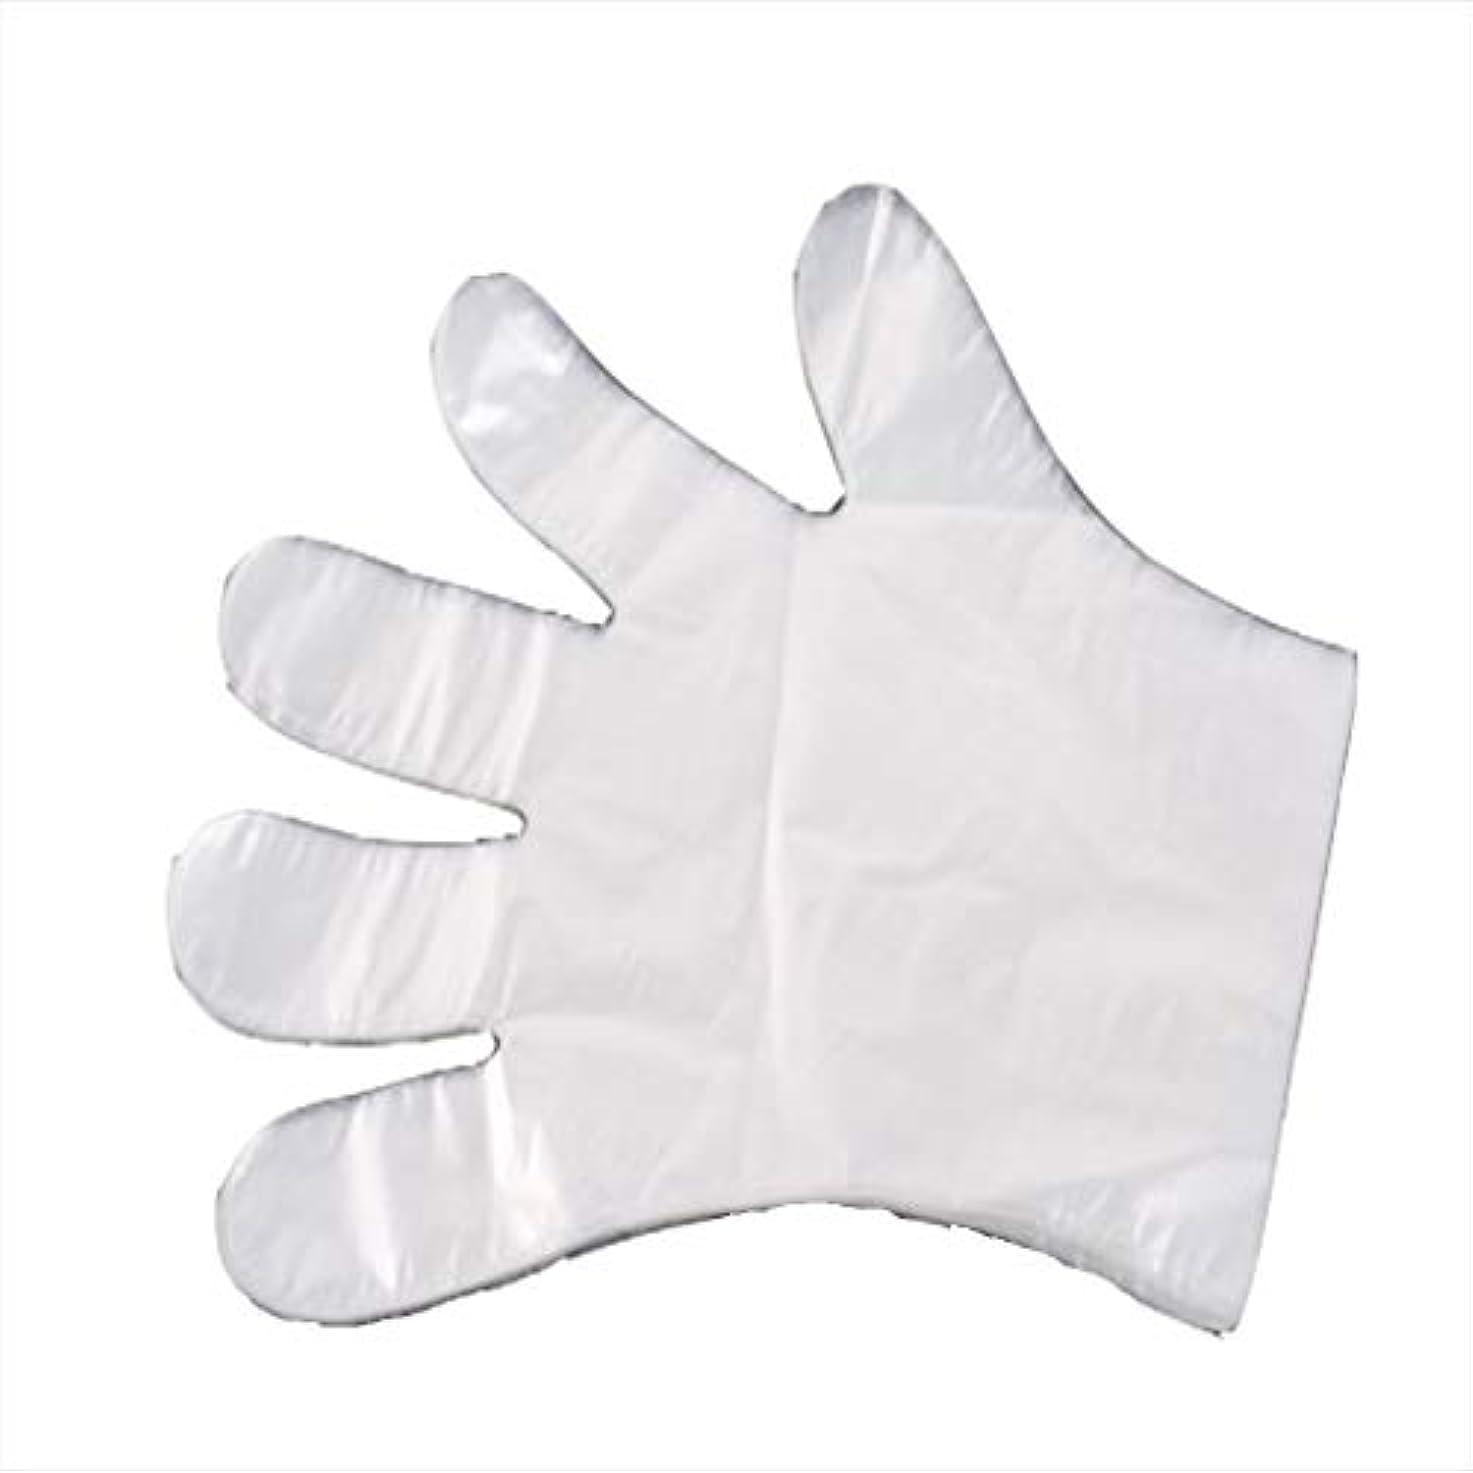 ネブ遅滞三番手袋、使い捨て手袋、食事、ヘアケア、肥厚、透明フィルム手袋、肥厚1000。